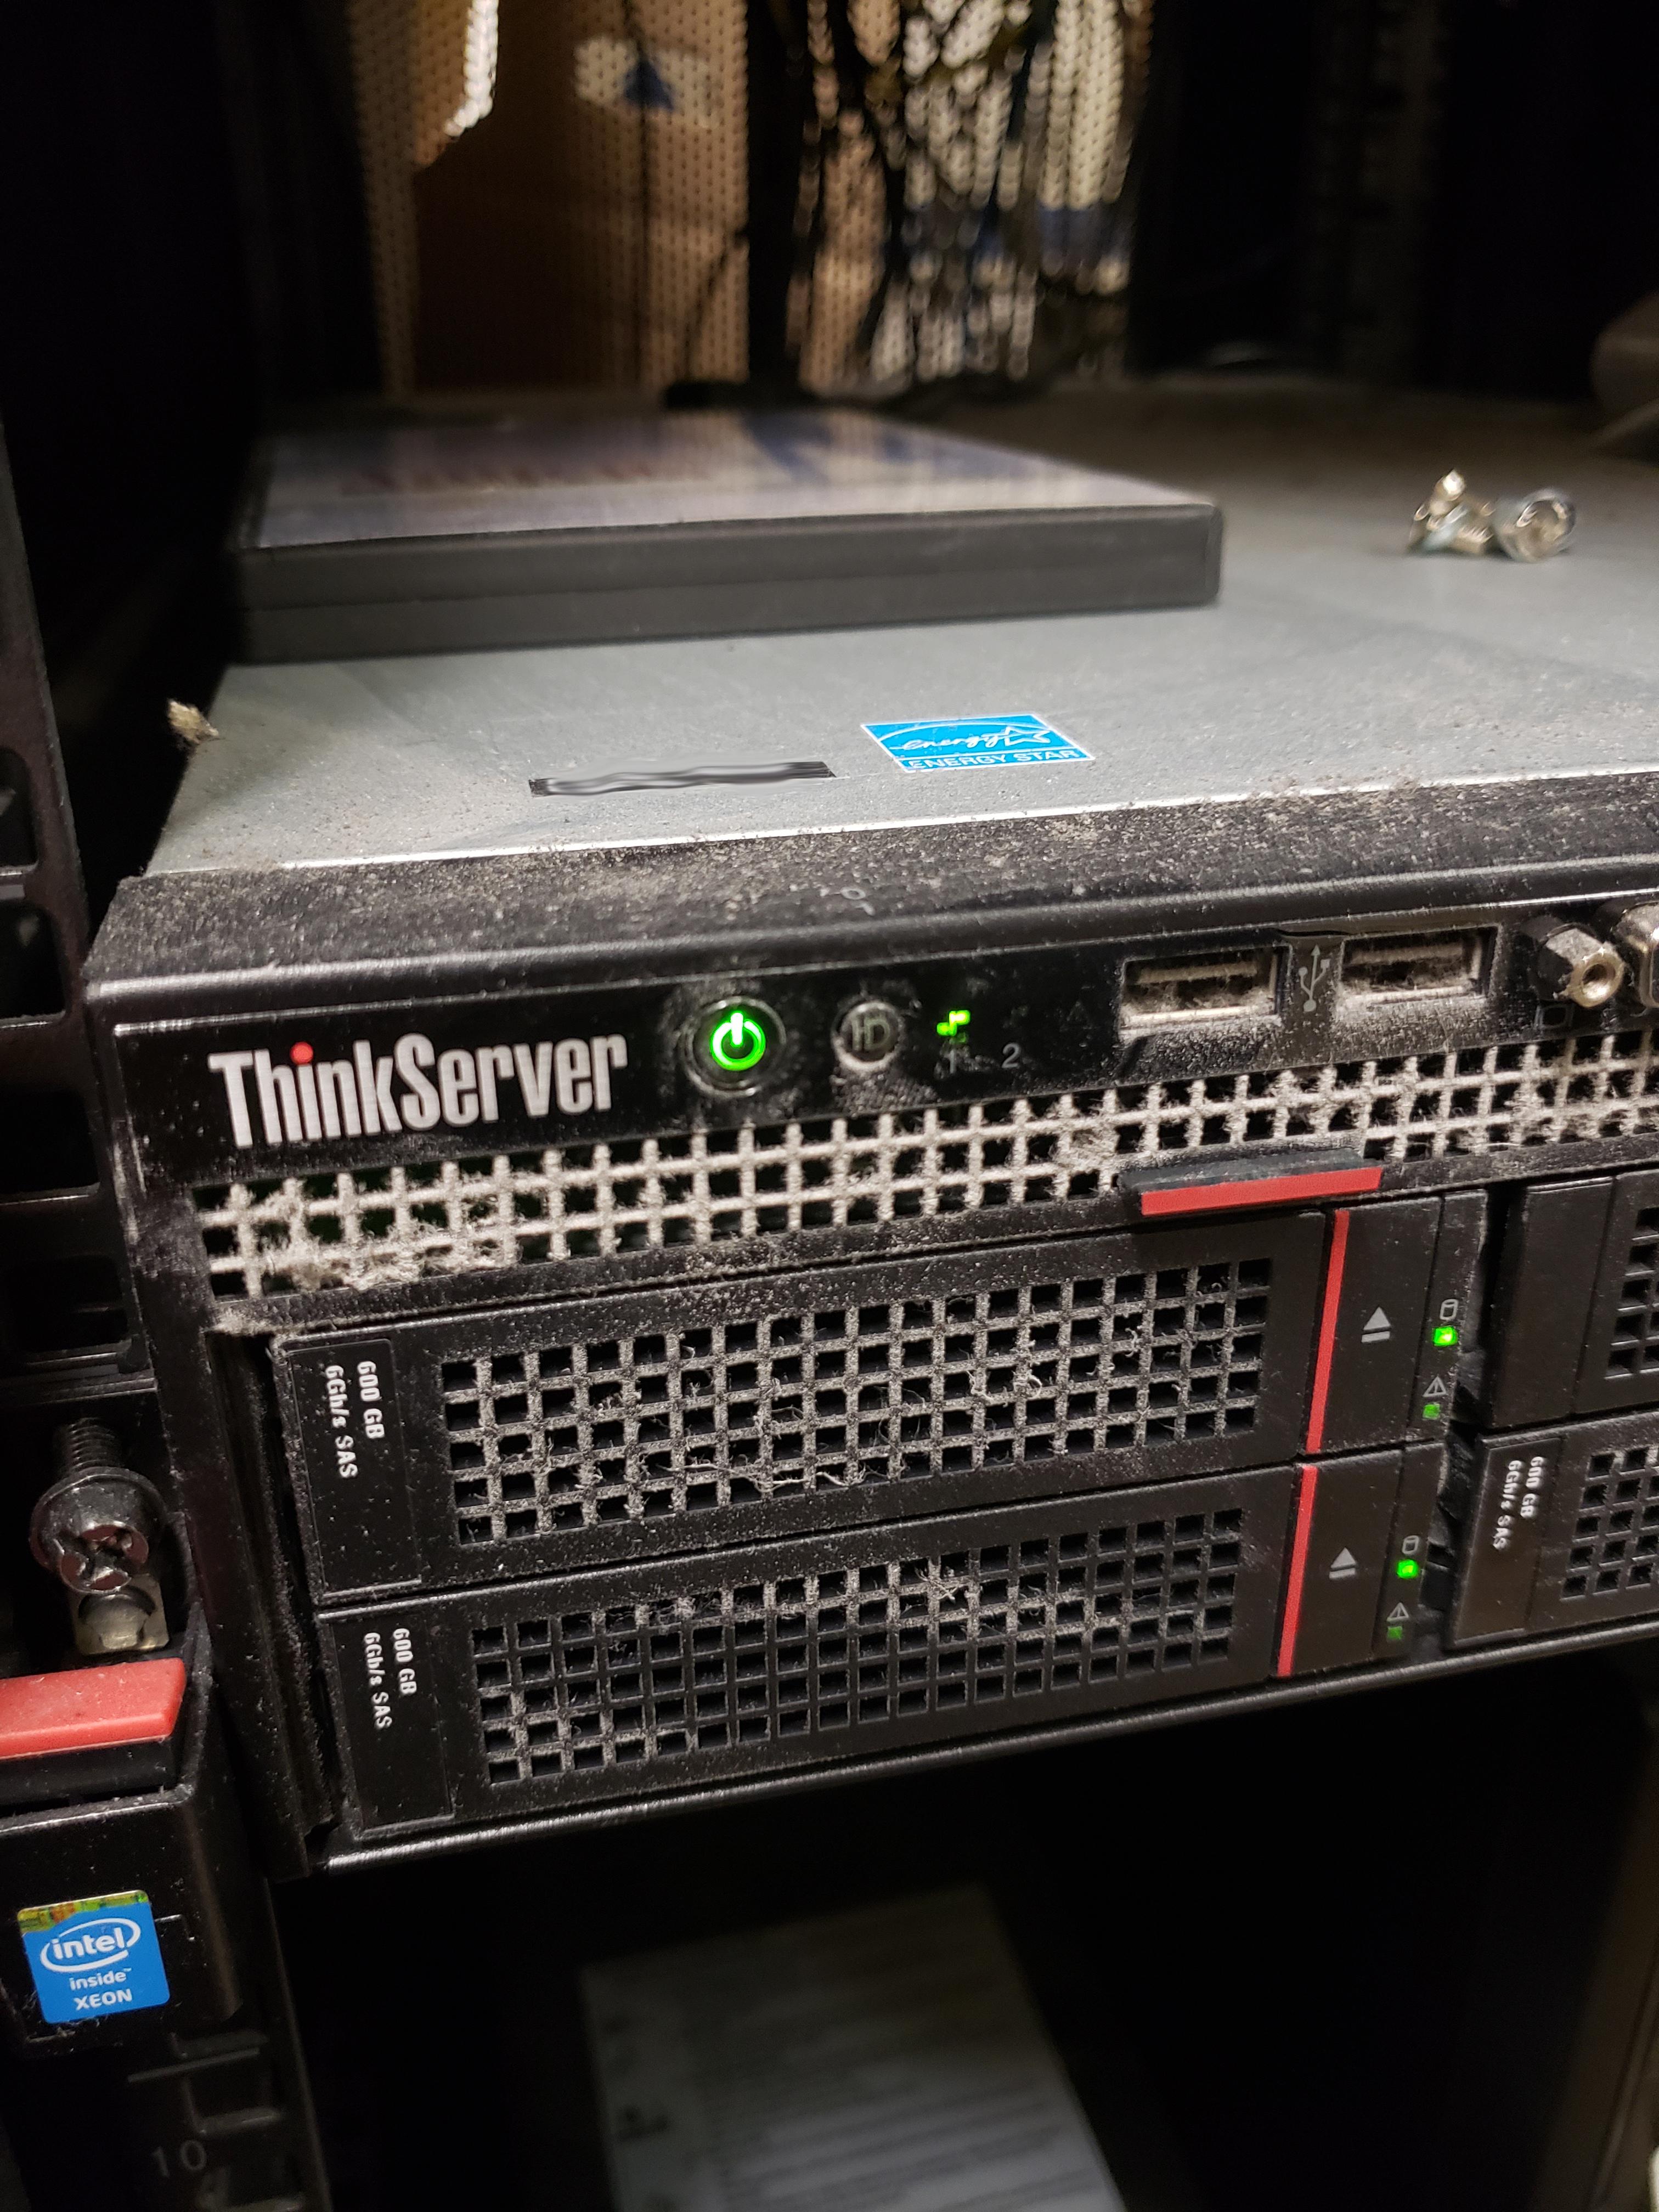 server rack with server (close up photo)